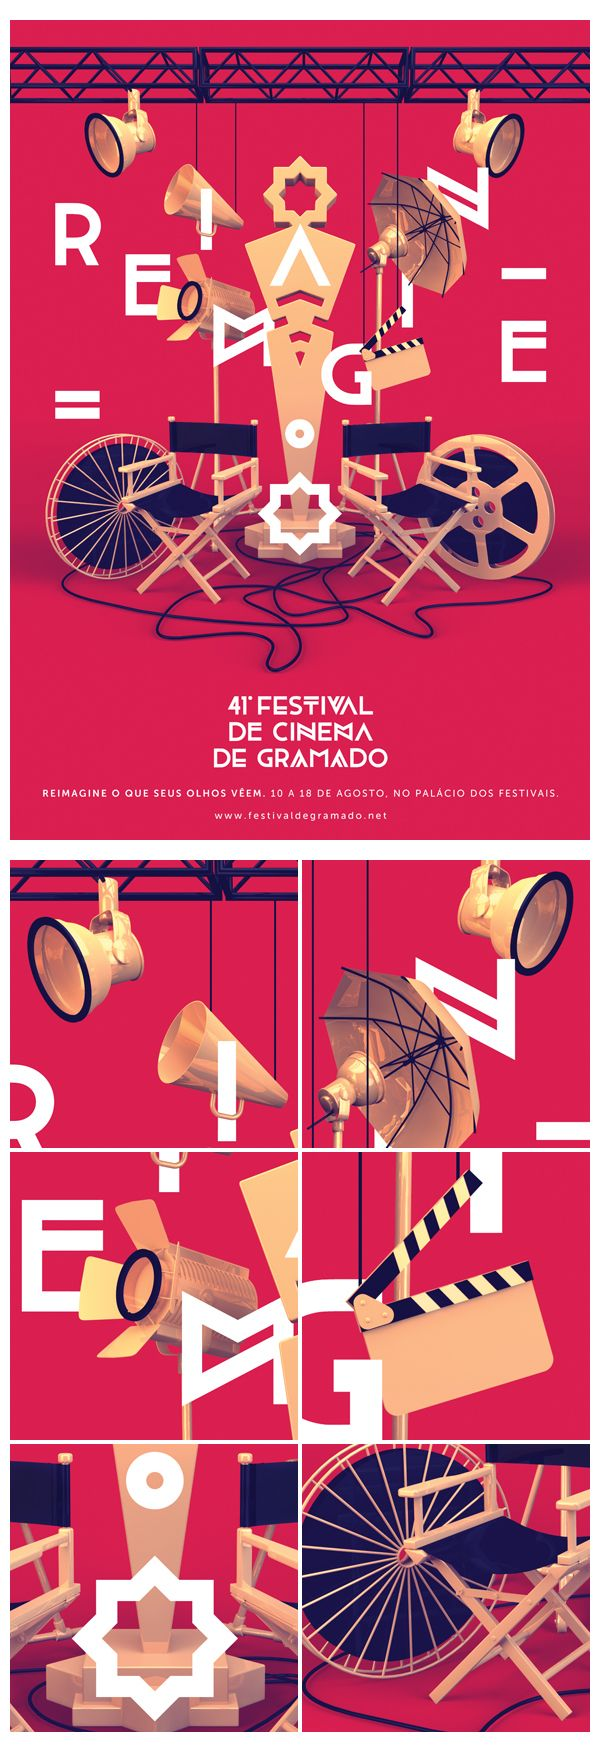 Festival de Cinema de Gramado on Behance